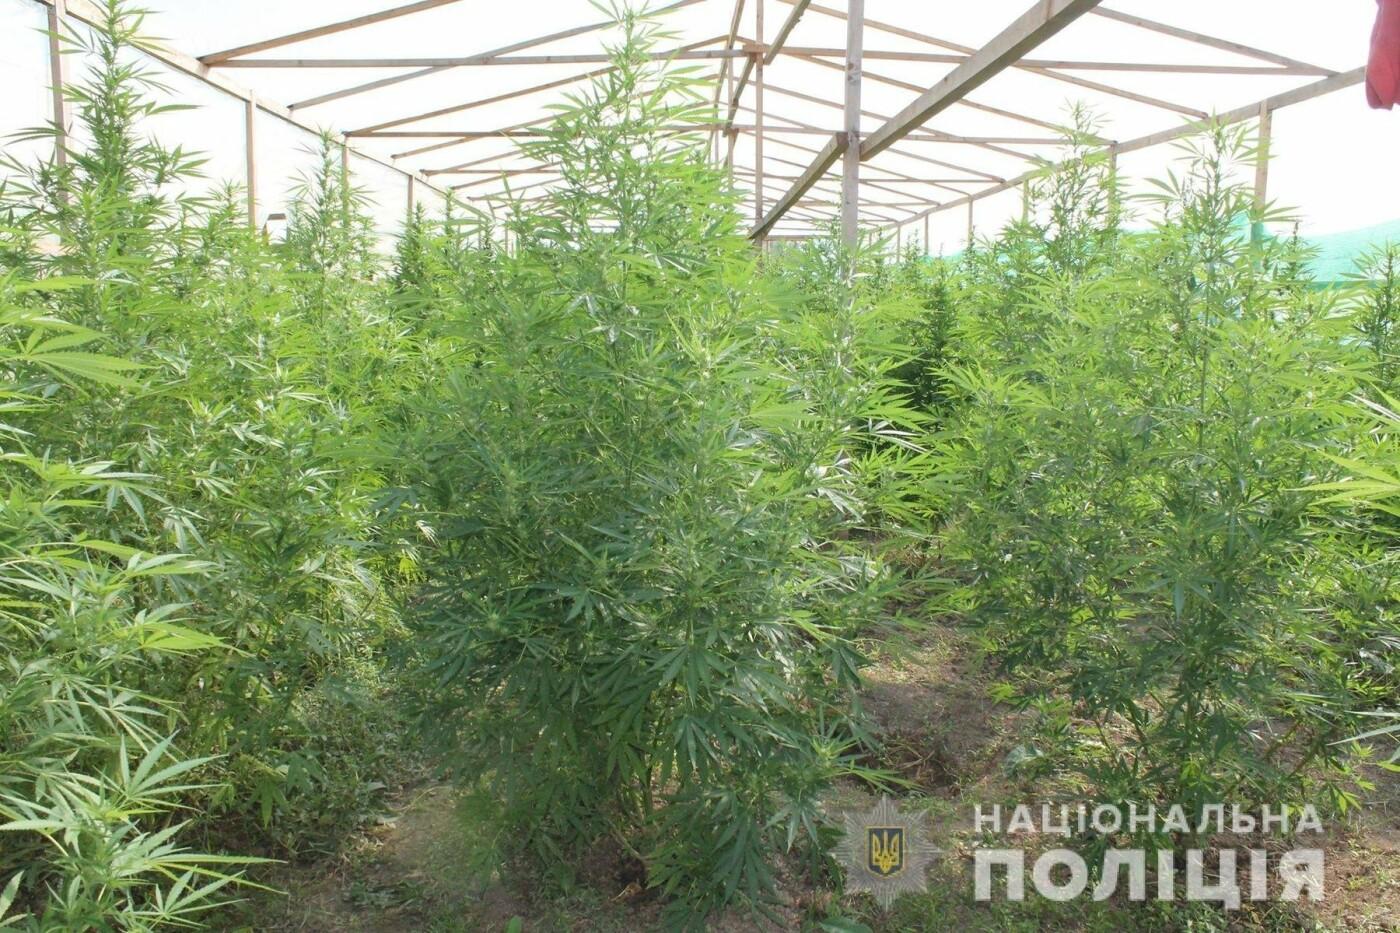 Плантація на 10 мільйонів гривень: на Закарпатті поліція виявила теплиці з марихуаною (ОПЕРАТИВНЕ ВІДЕО, ФОТО), фото-6